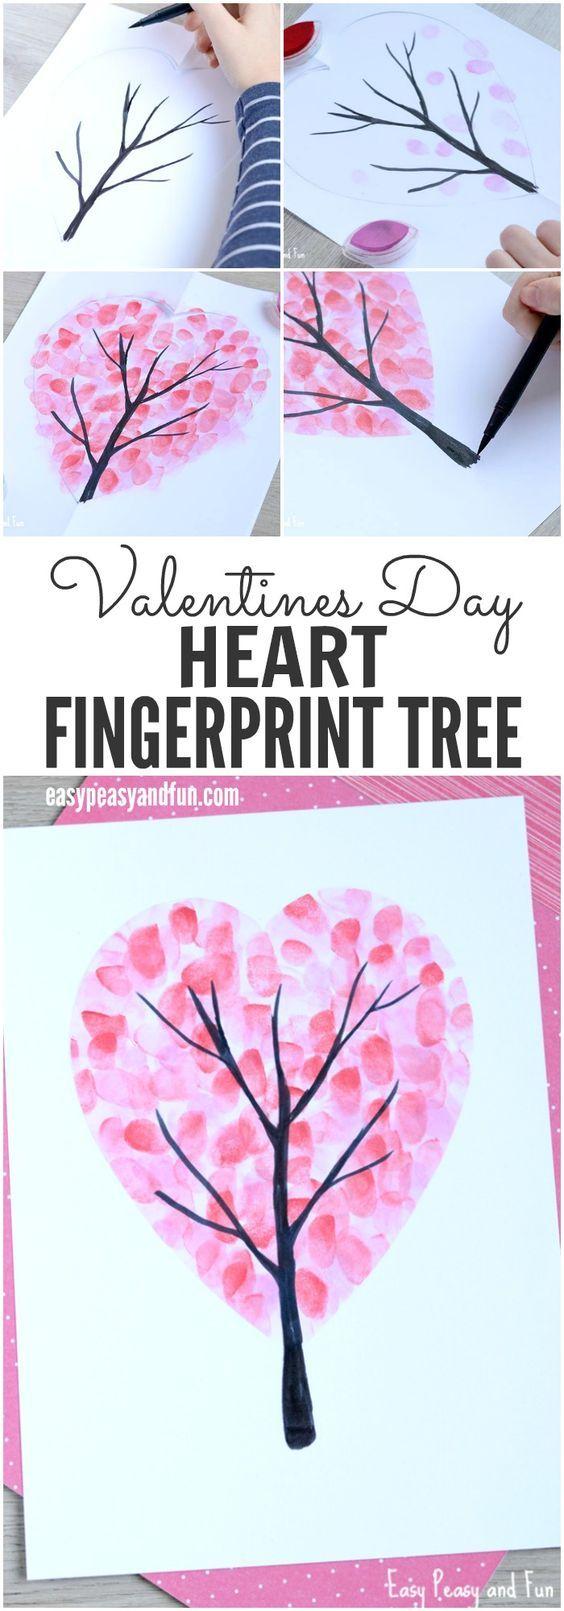 Valentines day preschool crafts - Valentines Day Heart Fingerprint Tree Craft